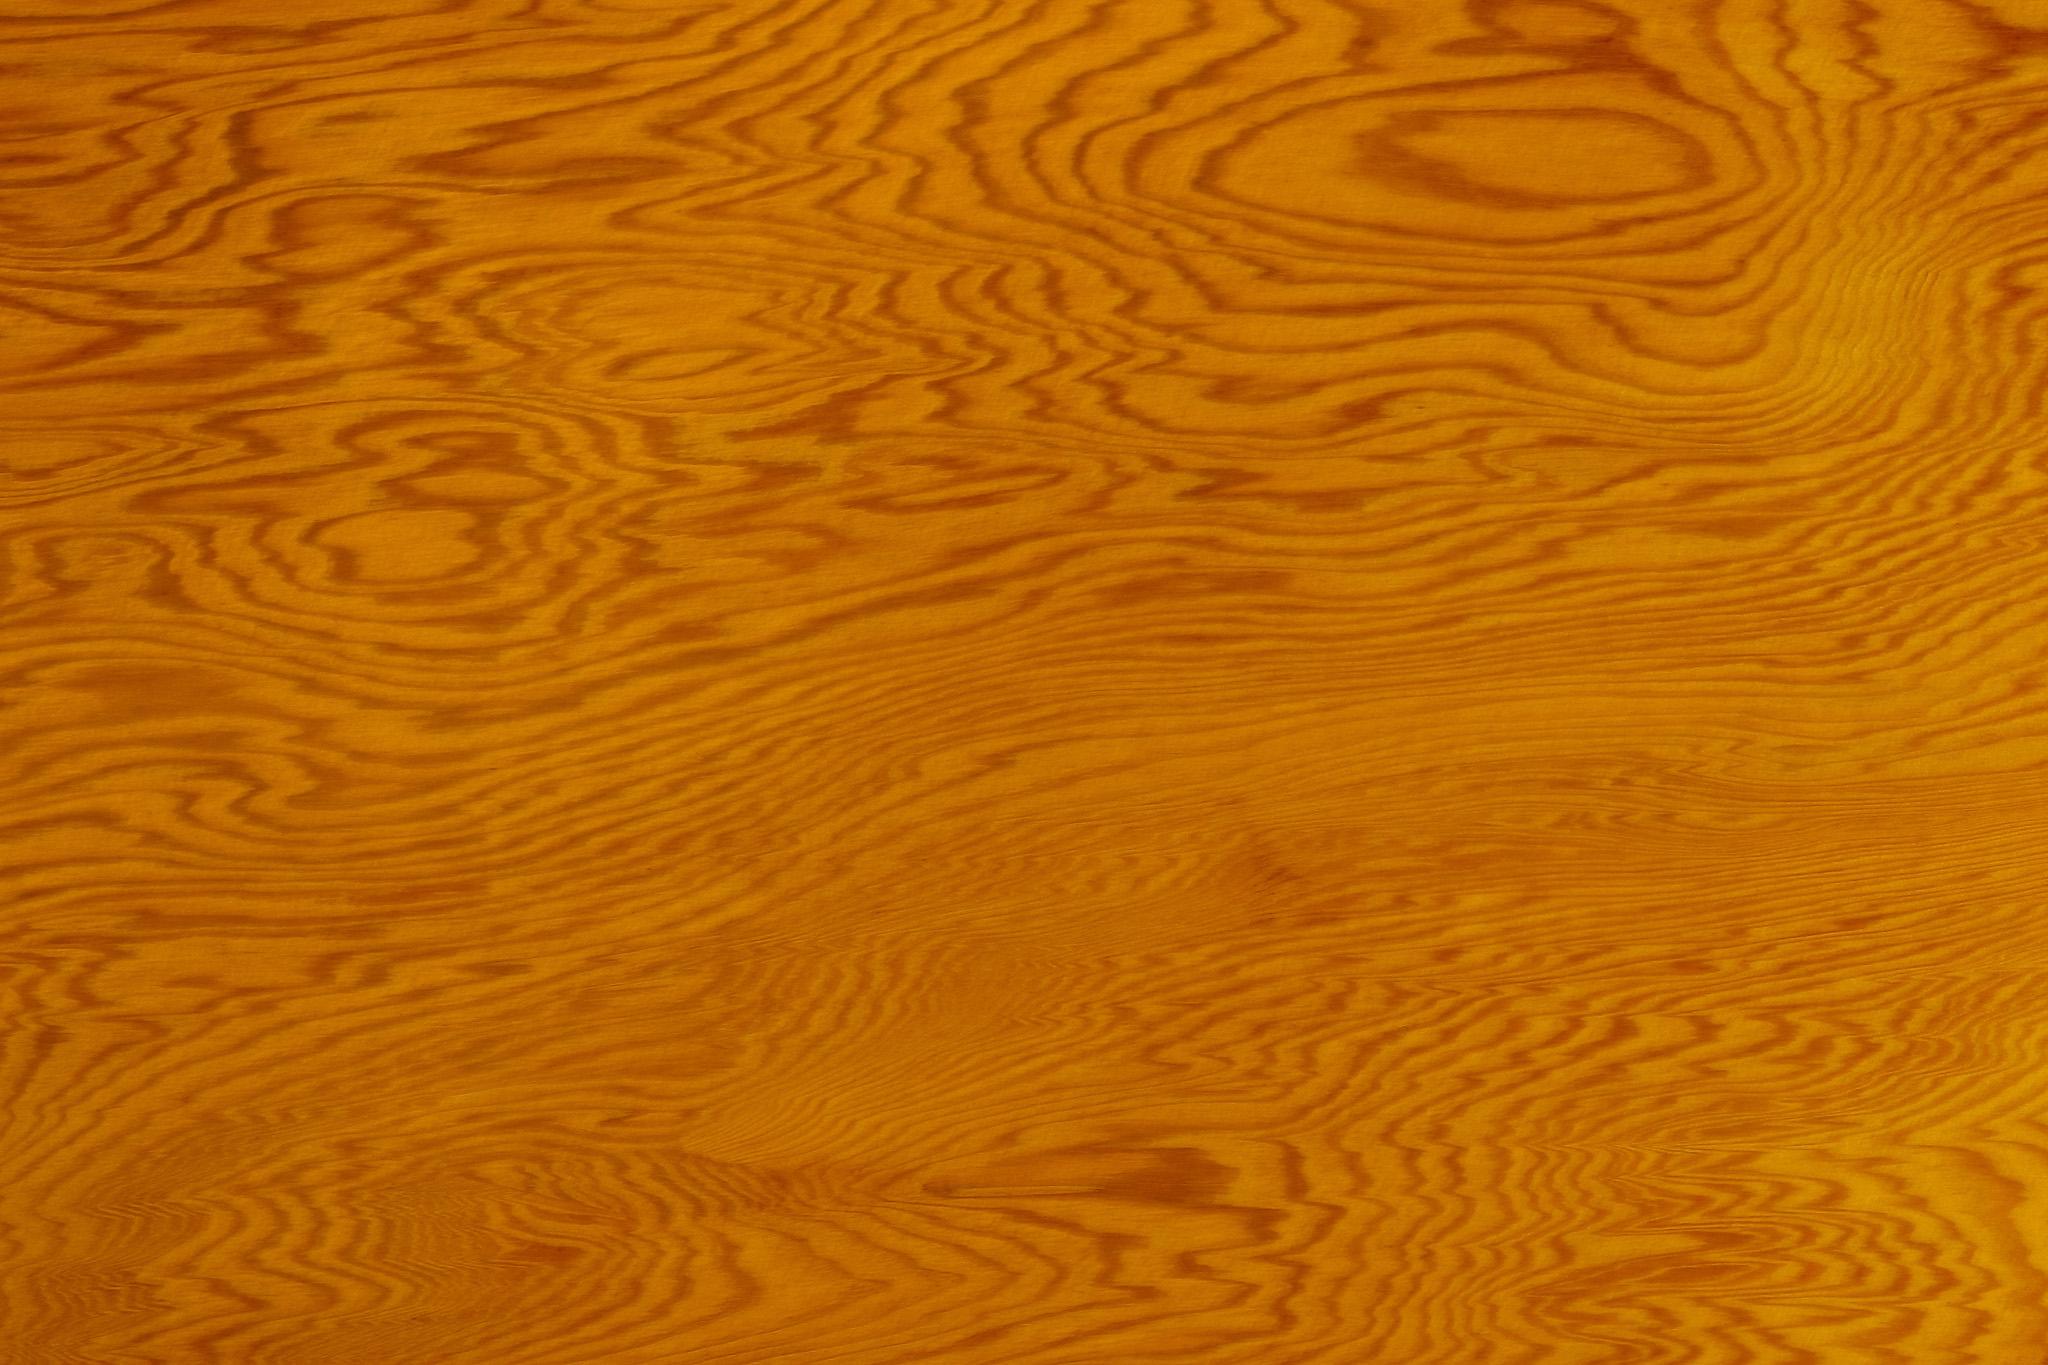 「縞模様が美しい老松の木目」の素材を無料ダウンロード